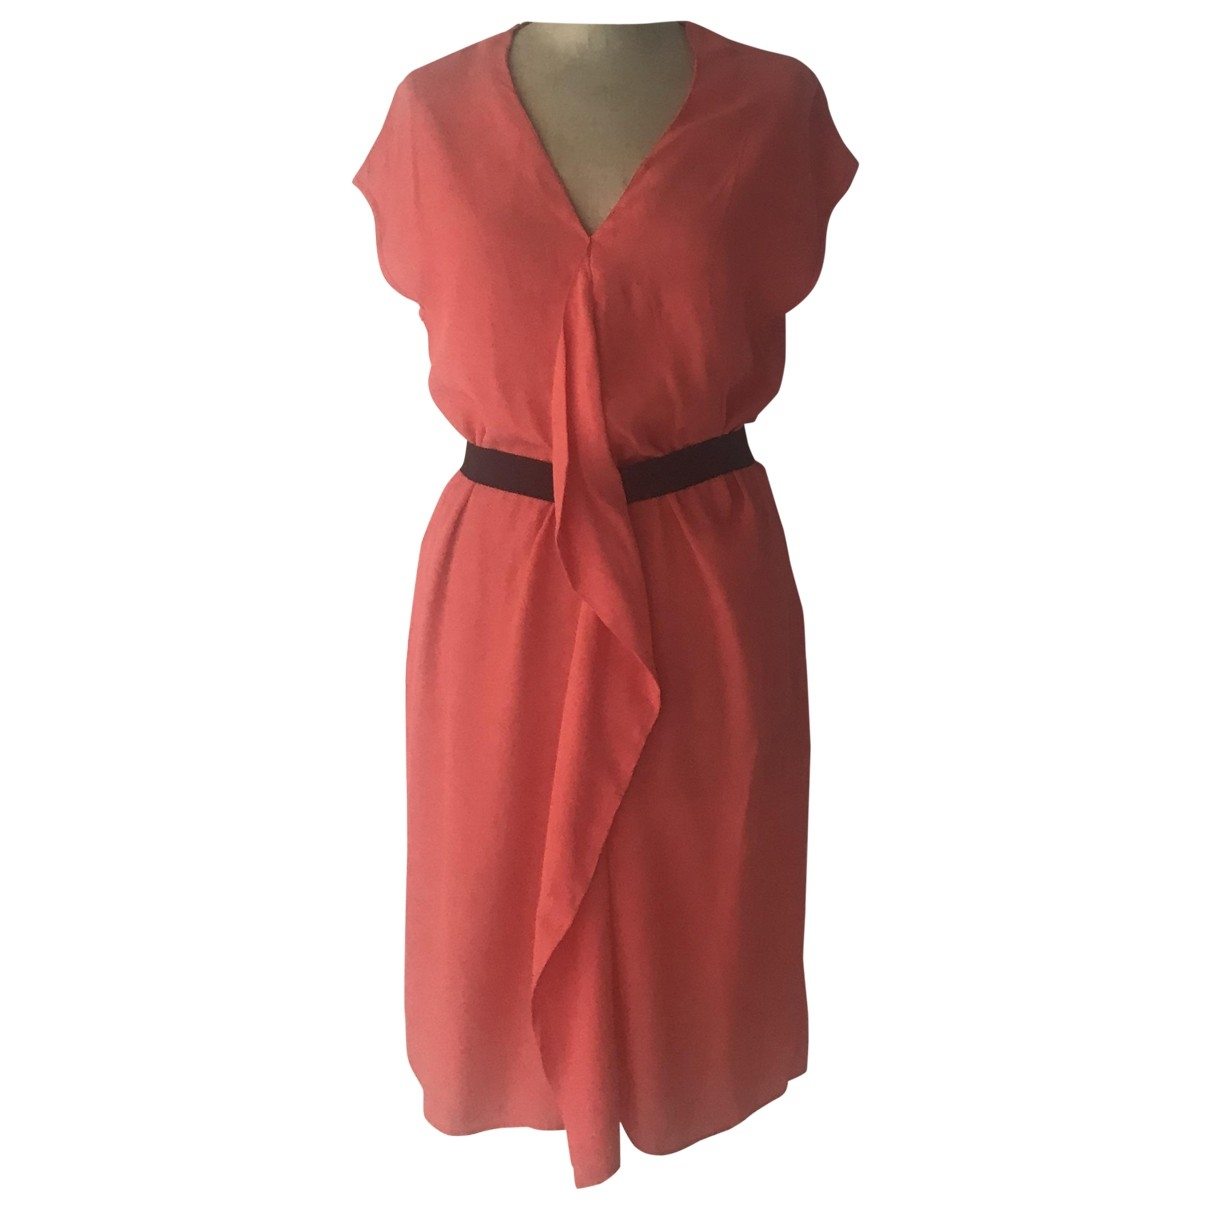 Comptoir Des Cotonniers \N Orange dress for Women 36 FR